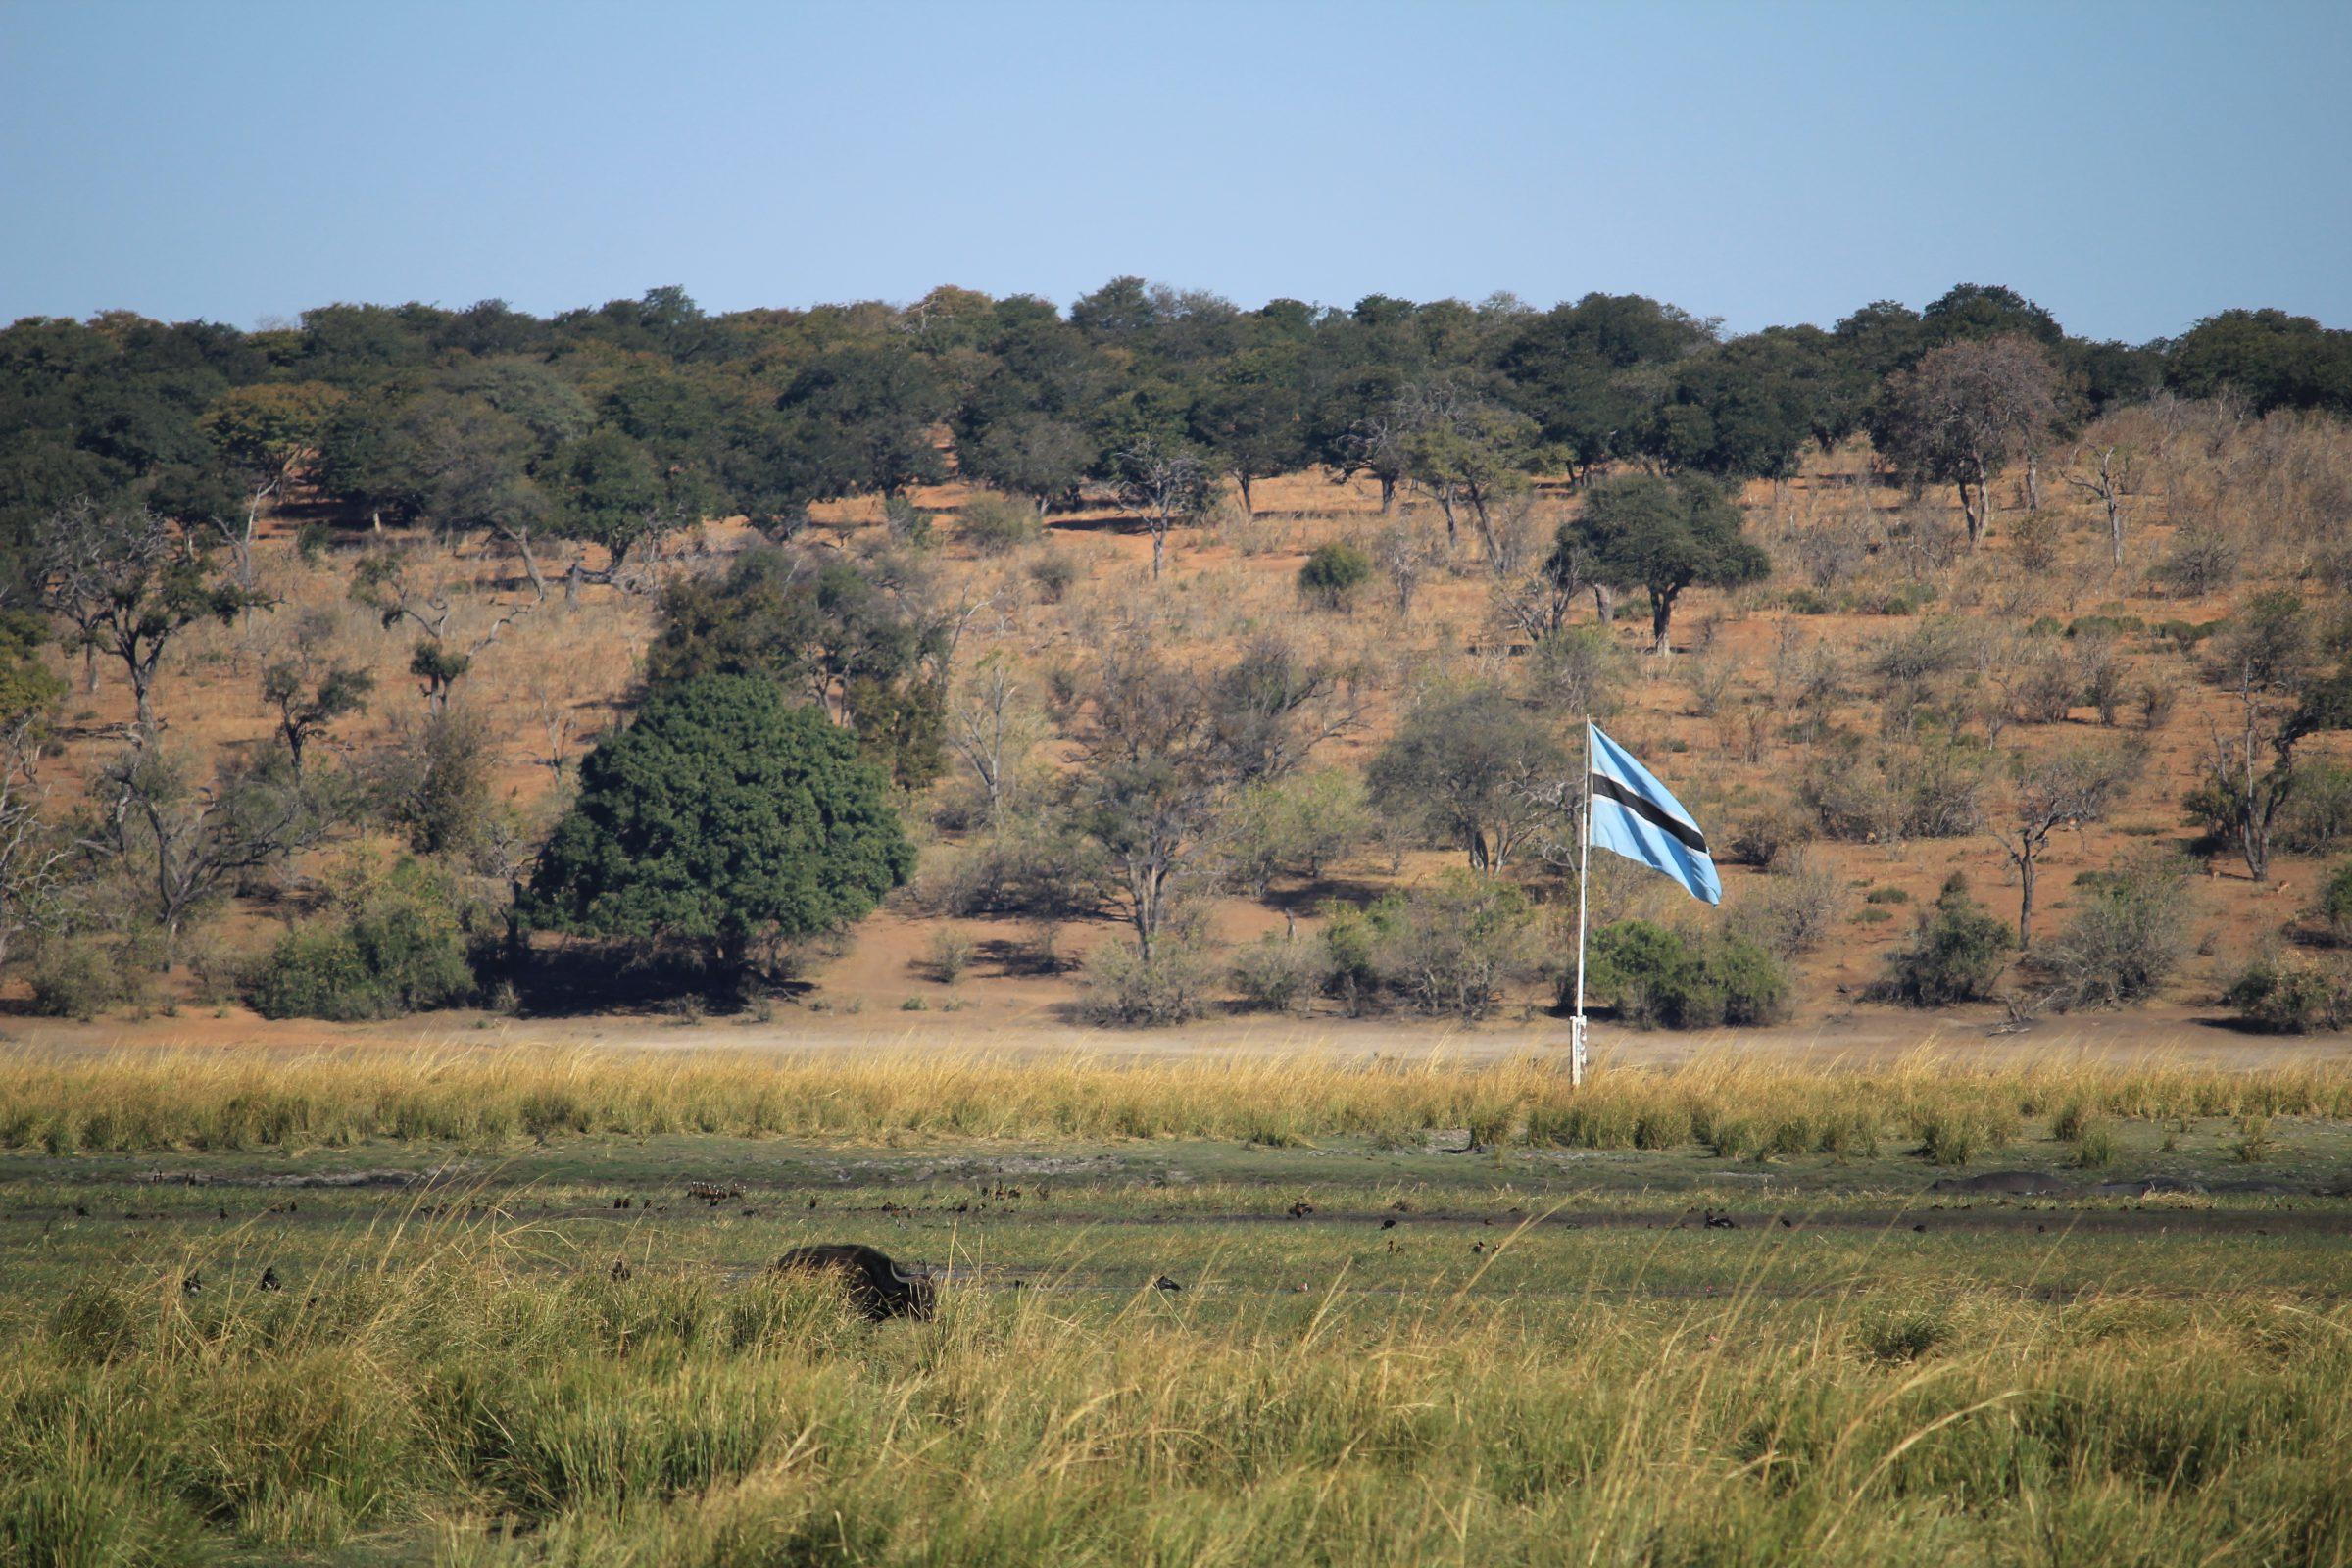 Een buffel grazend op Botswana met op de achtergrond Chobe National Park